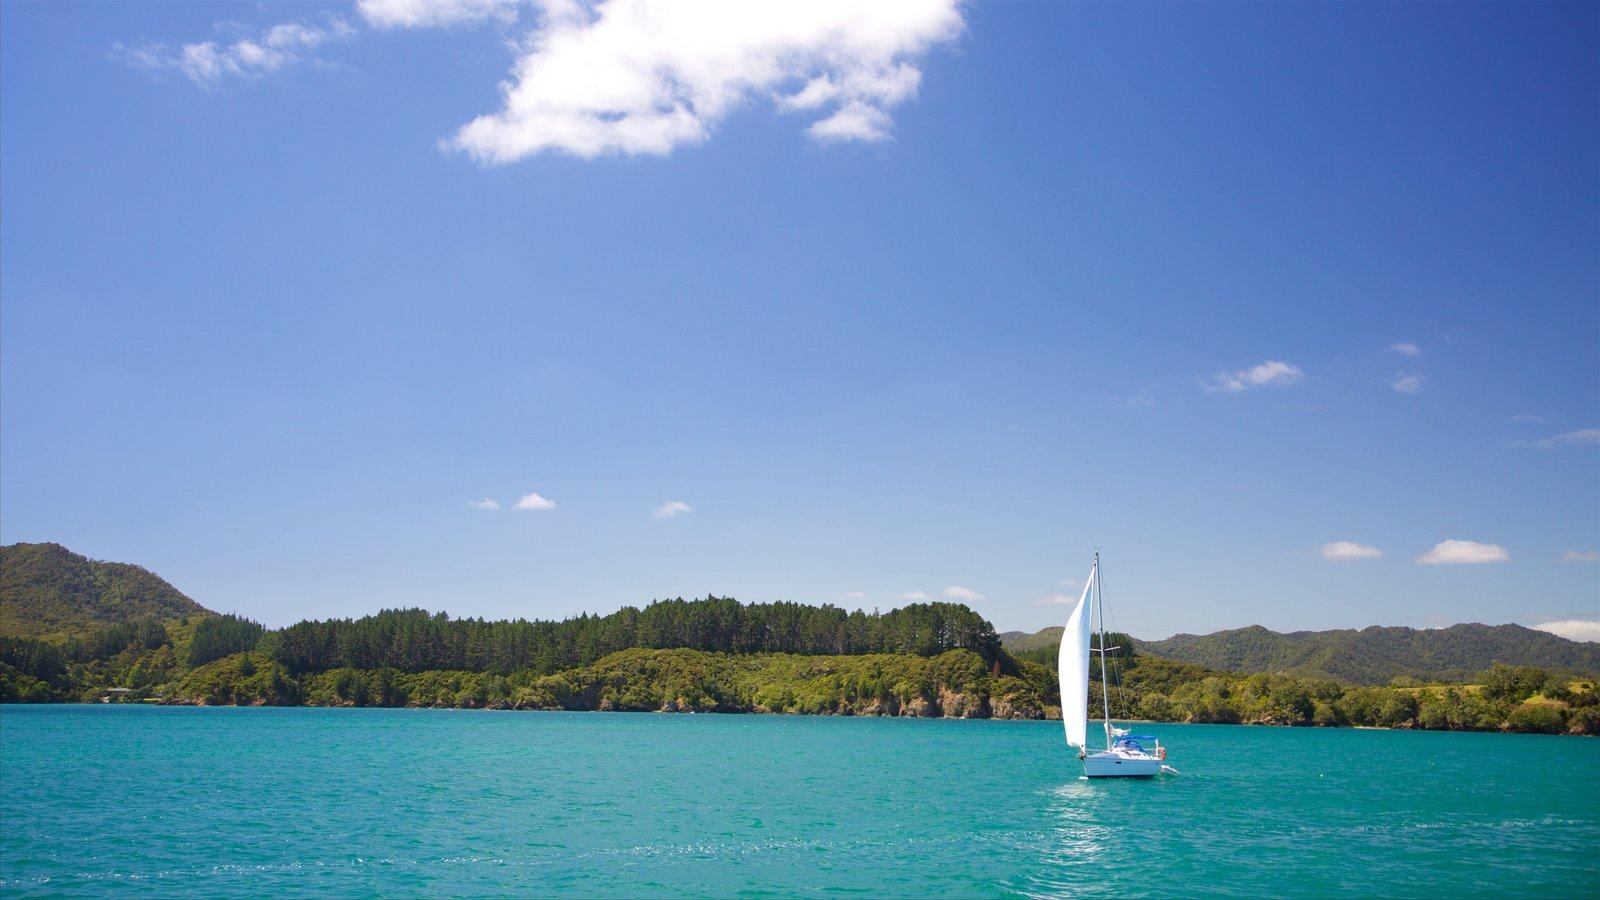 Russell ofreciendo una bahía o puerto y navegación